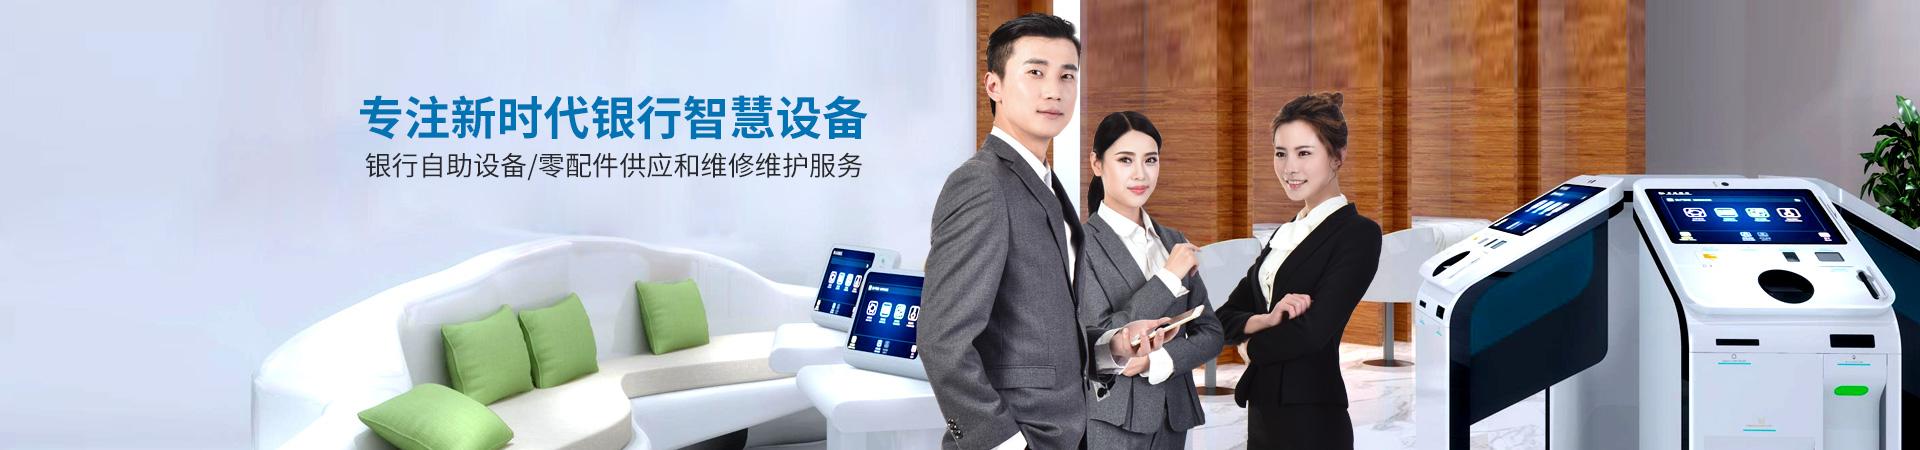 华融凯,专注新时代银行智慧设备